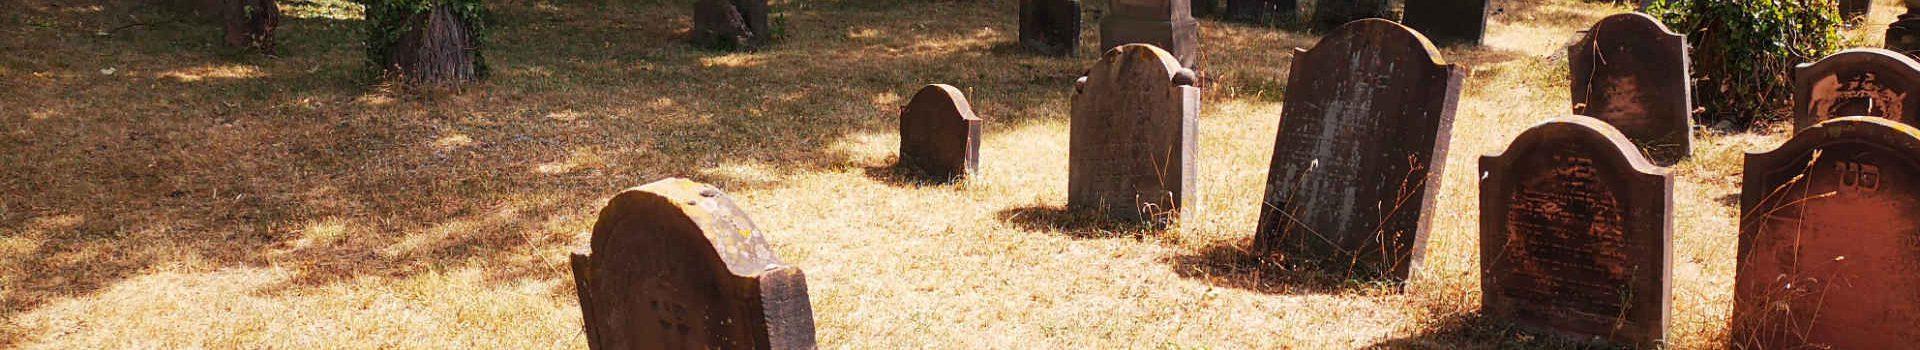 """""""Heiliger Sand"""" – Der älteste jüdische Friedhof Europas"""